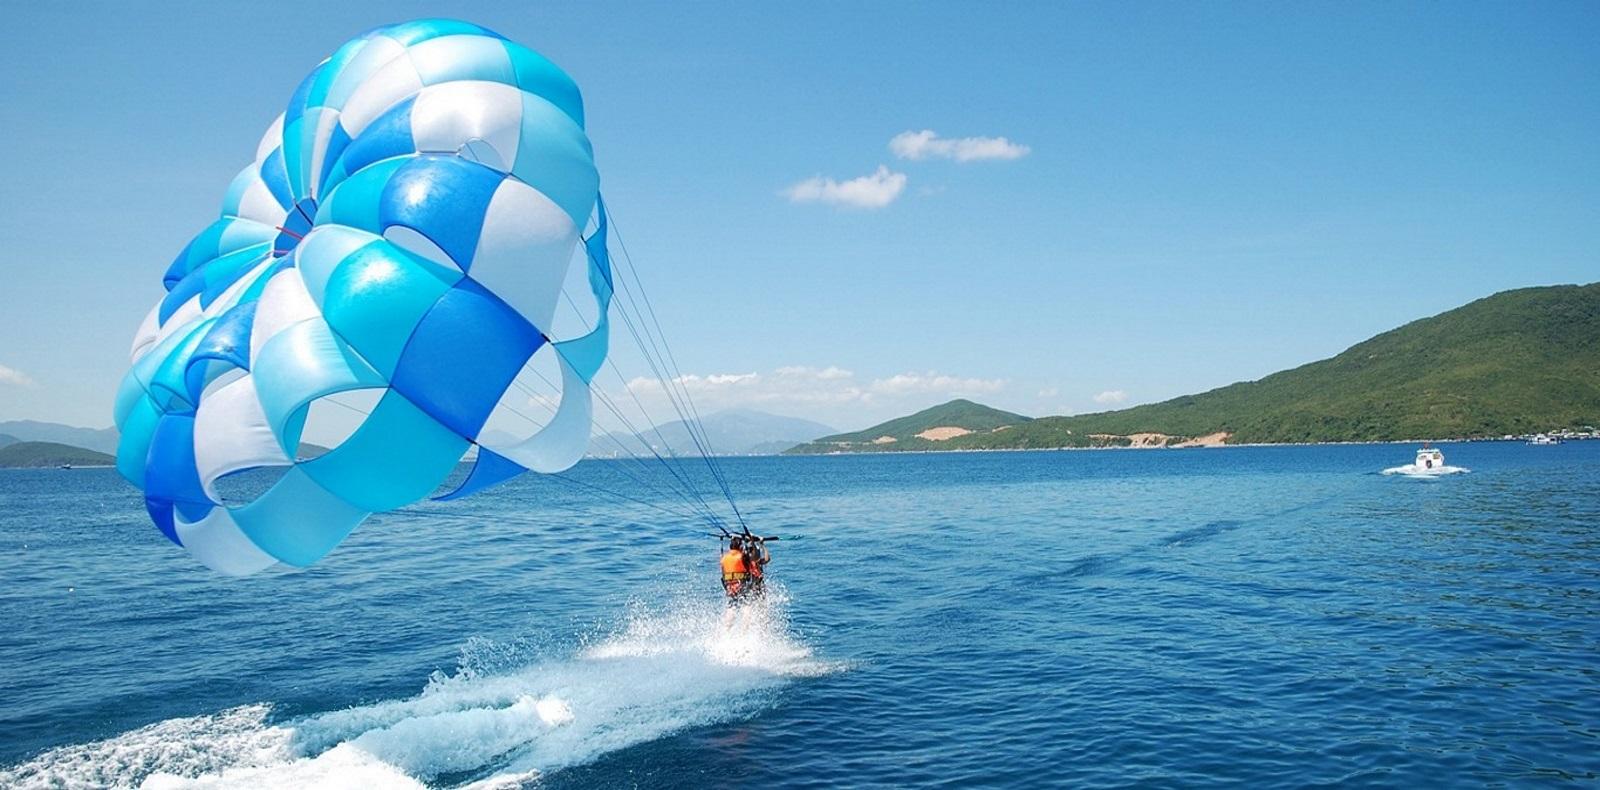 Đảo Tình Yêu - kéo dù bay